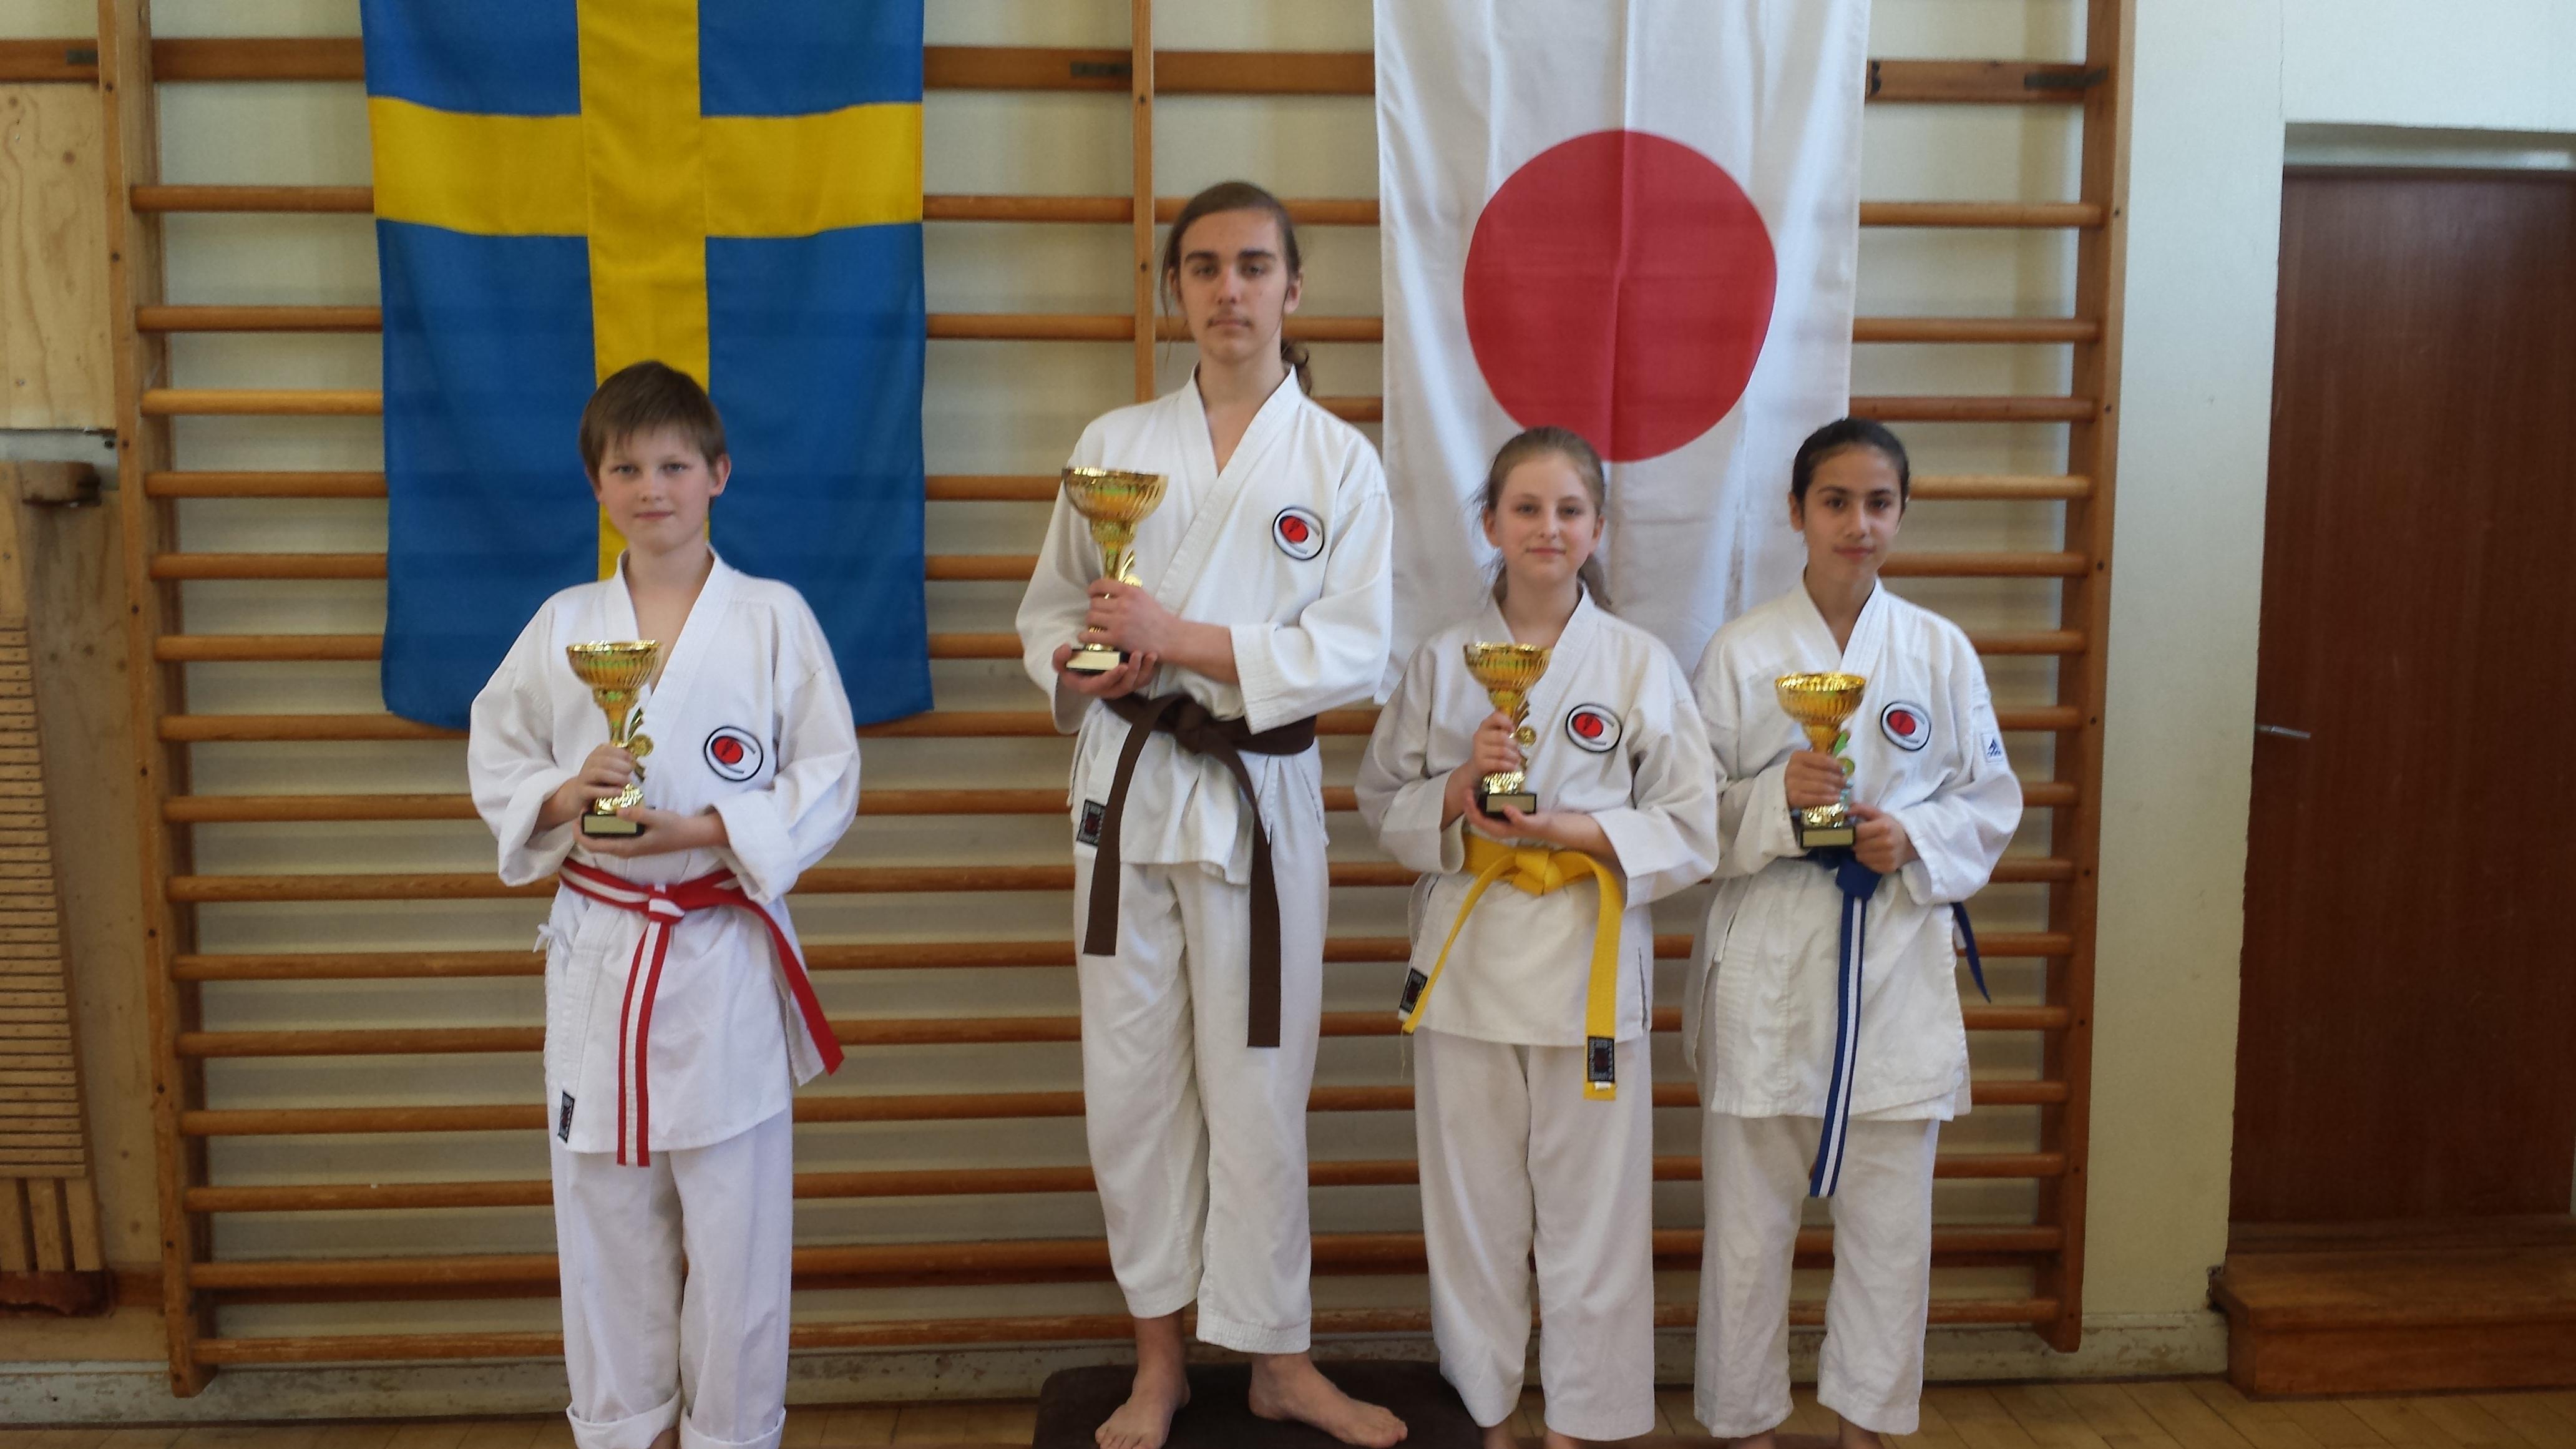 kampsport för små barn stockholm